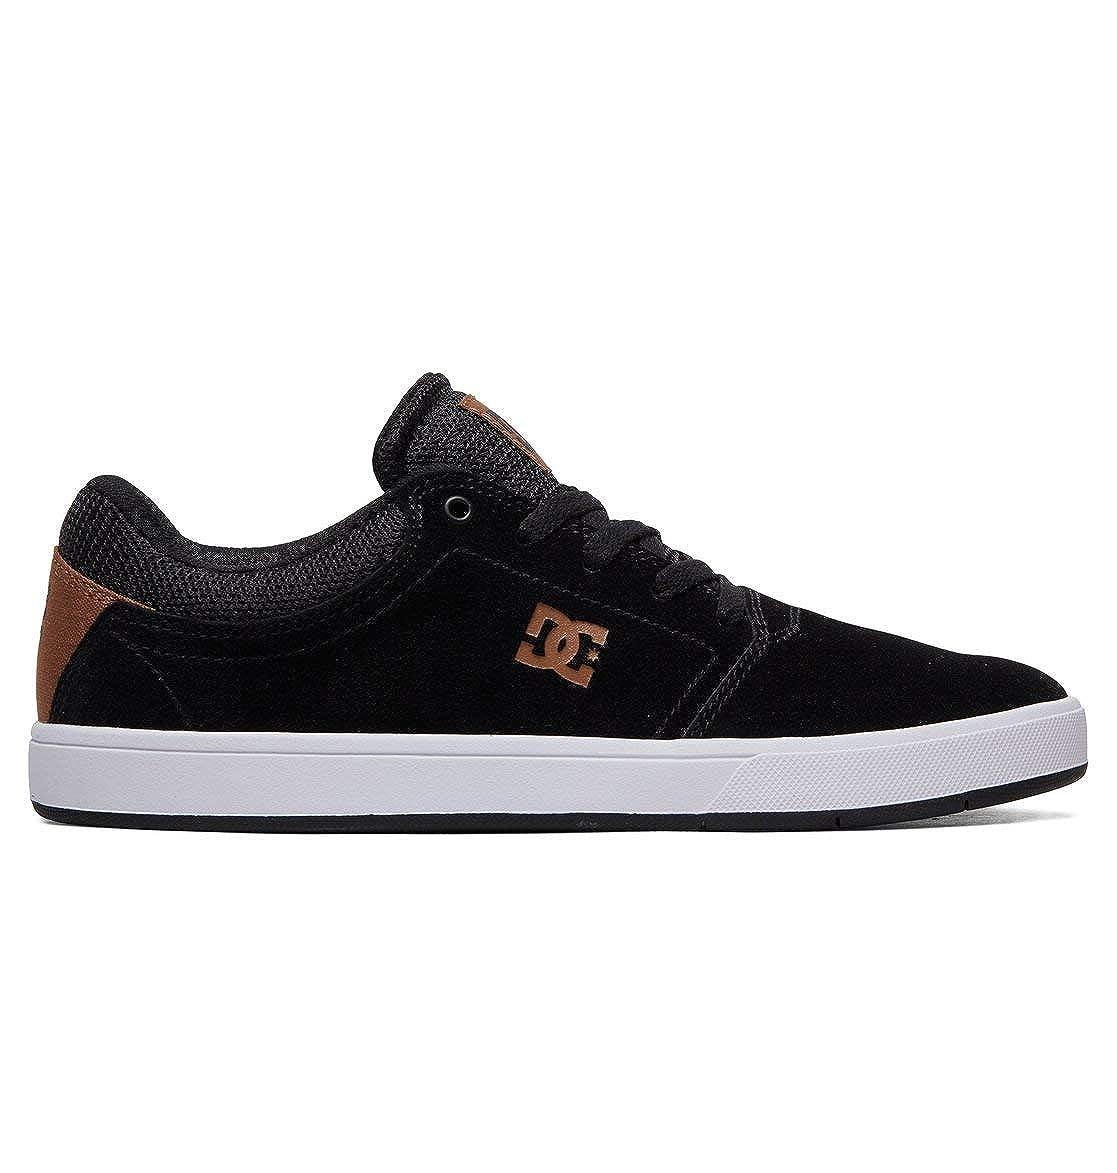 TALLA 40 EU. DC Shoes Crisis, Zapatillas para Hombre